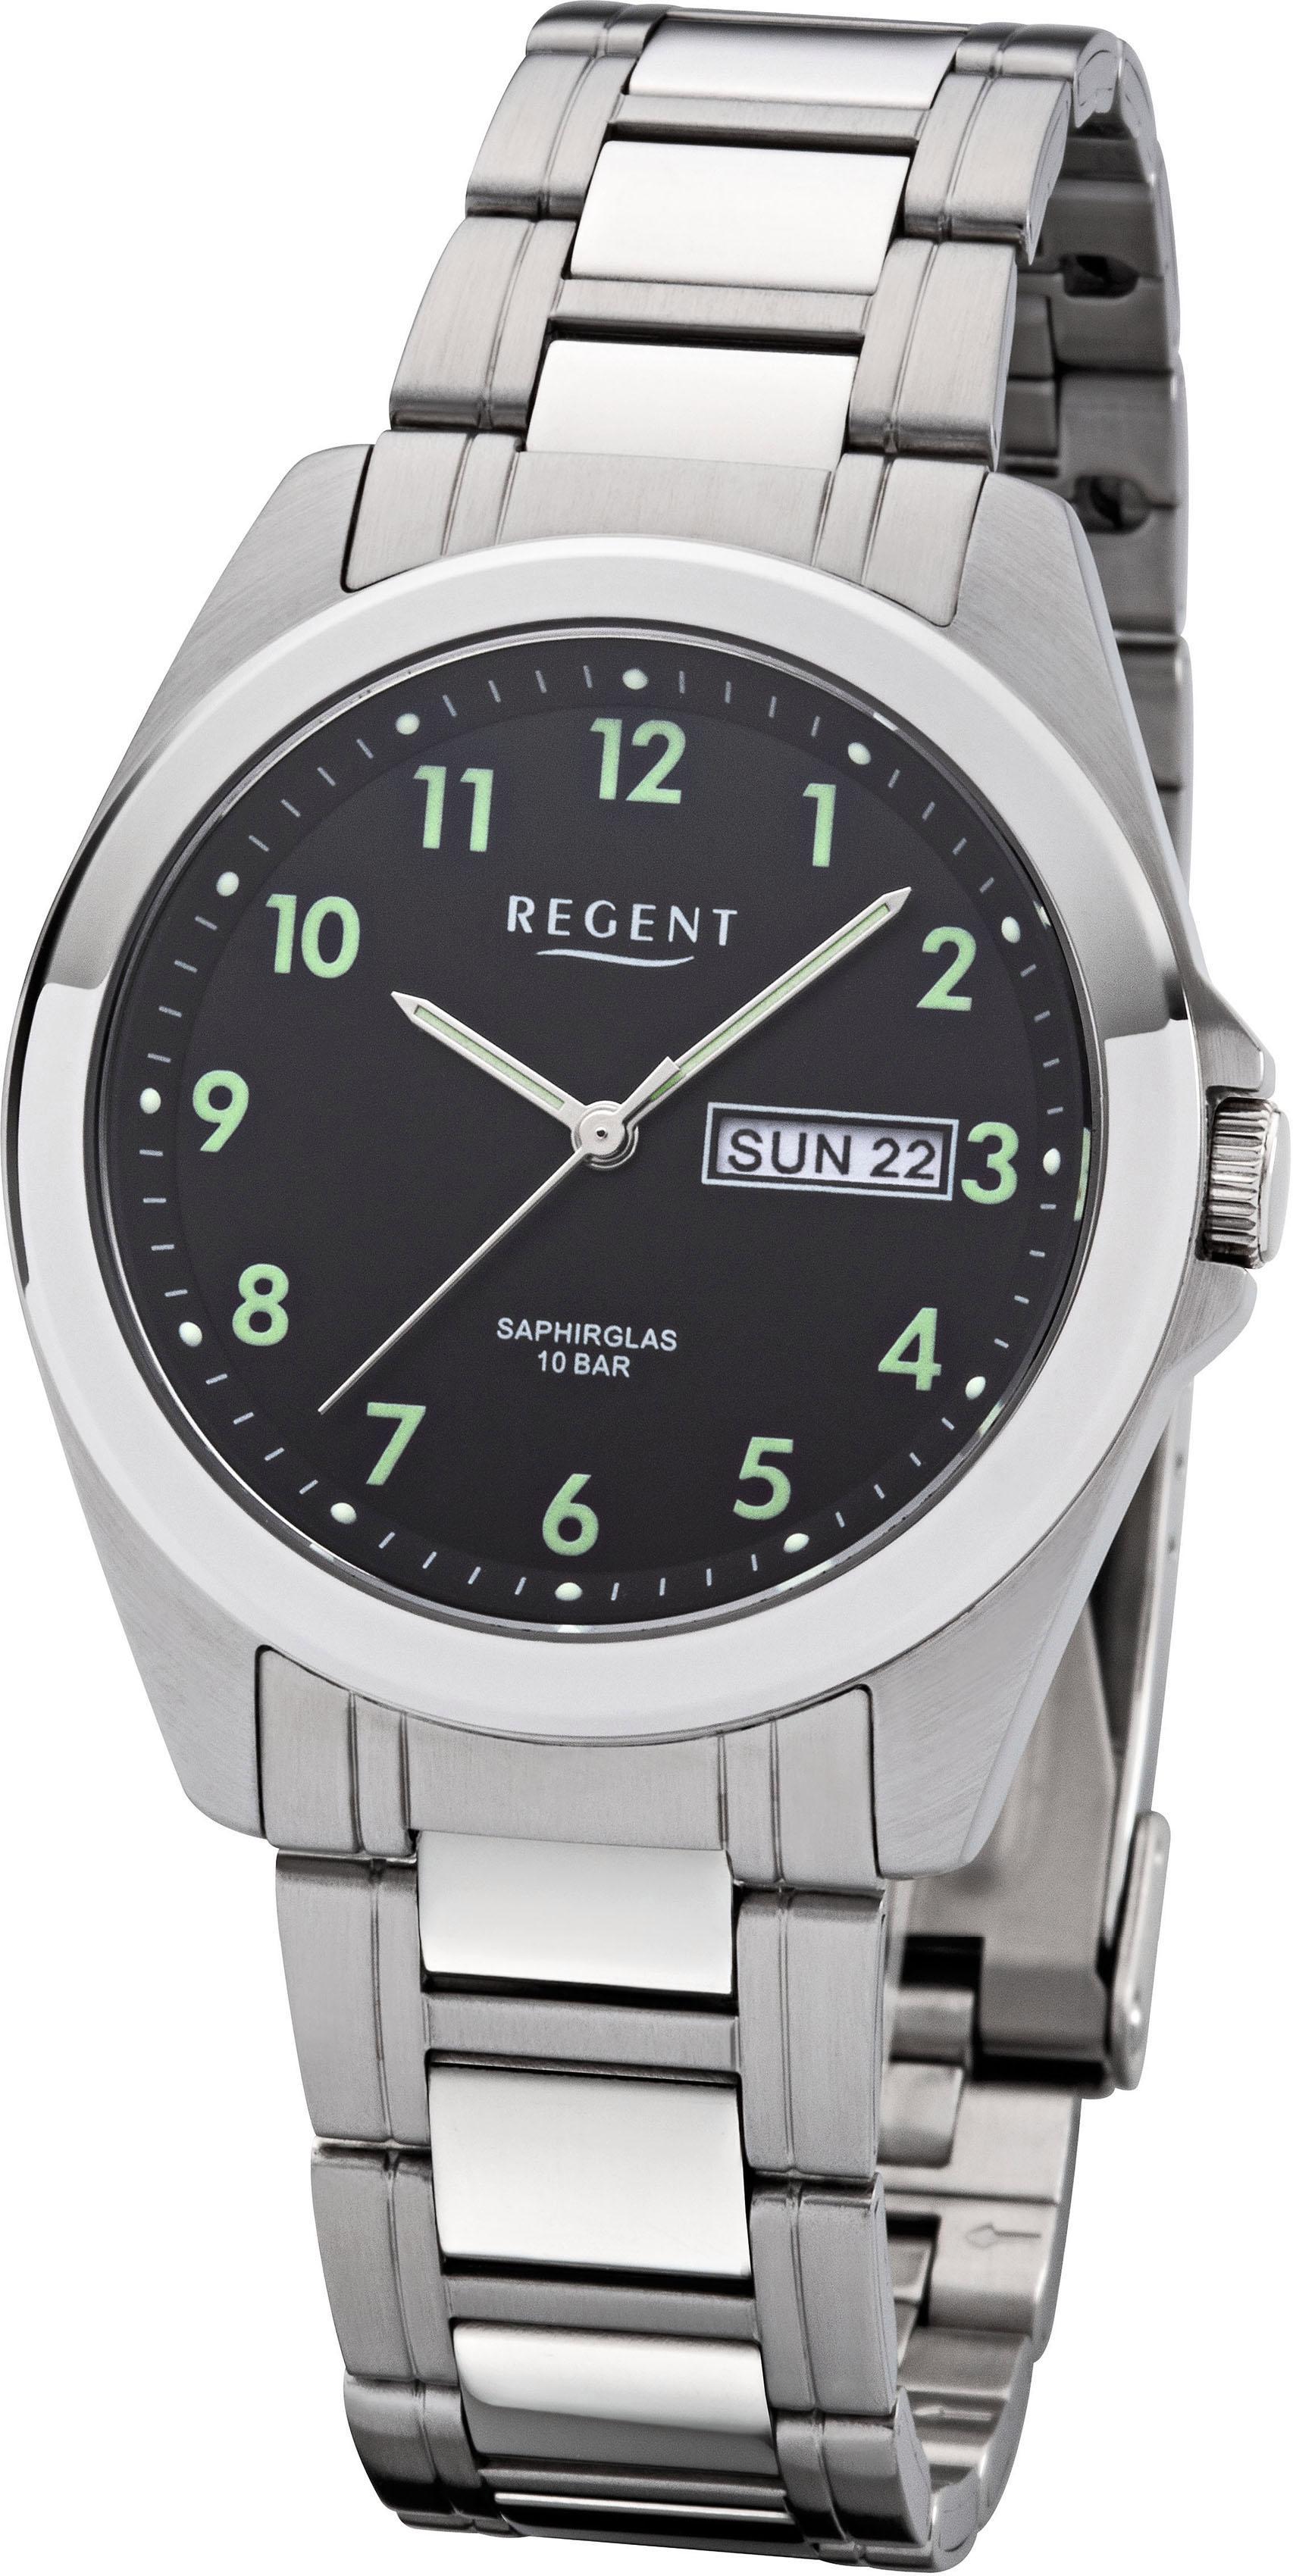 Regent Quarzuhr »1770.44.96, F1186«   Uhren > Quarzuhren   Regent